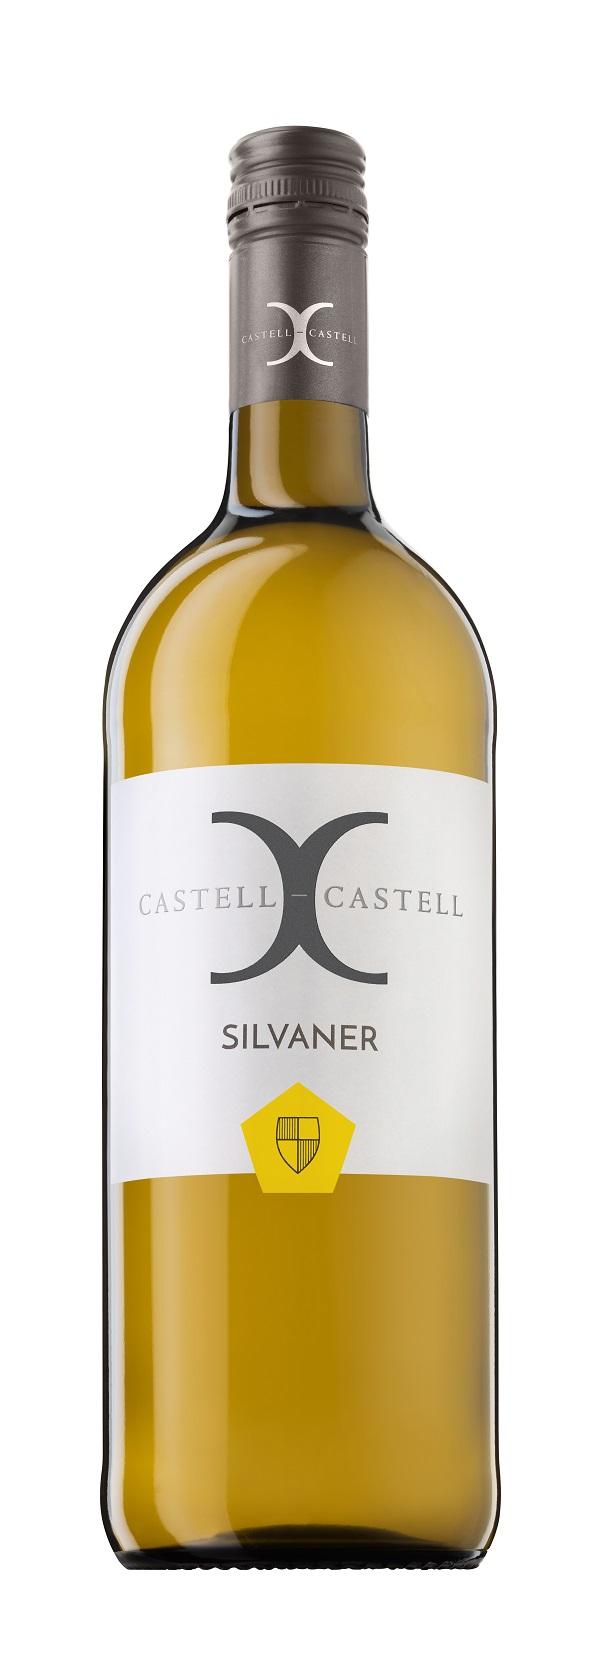 CASTELL-CASTELL Silvaner trocken 2020